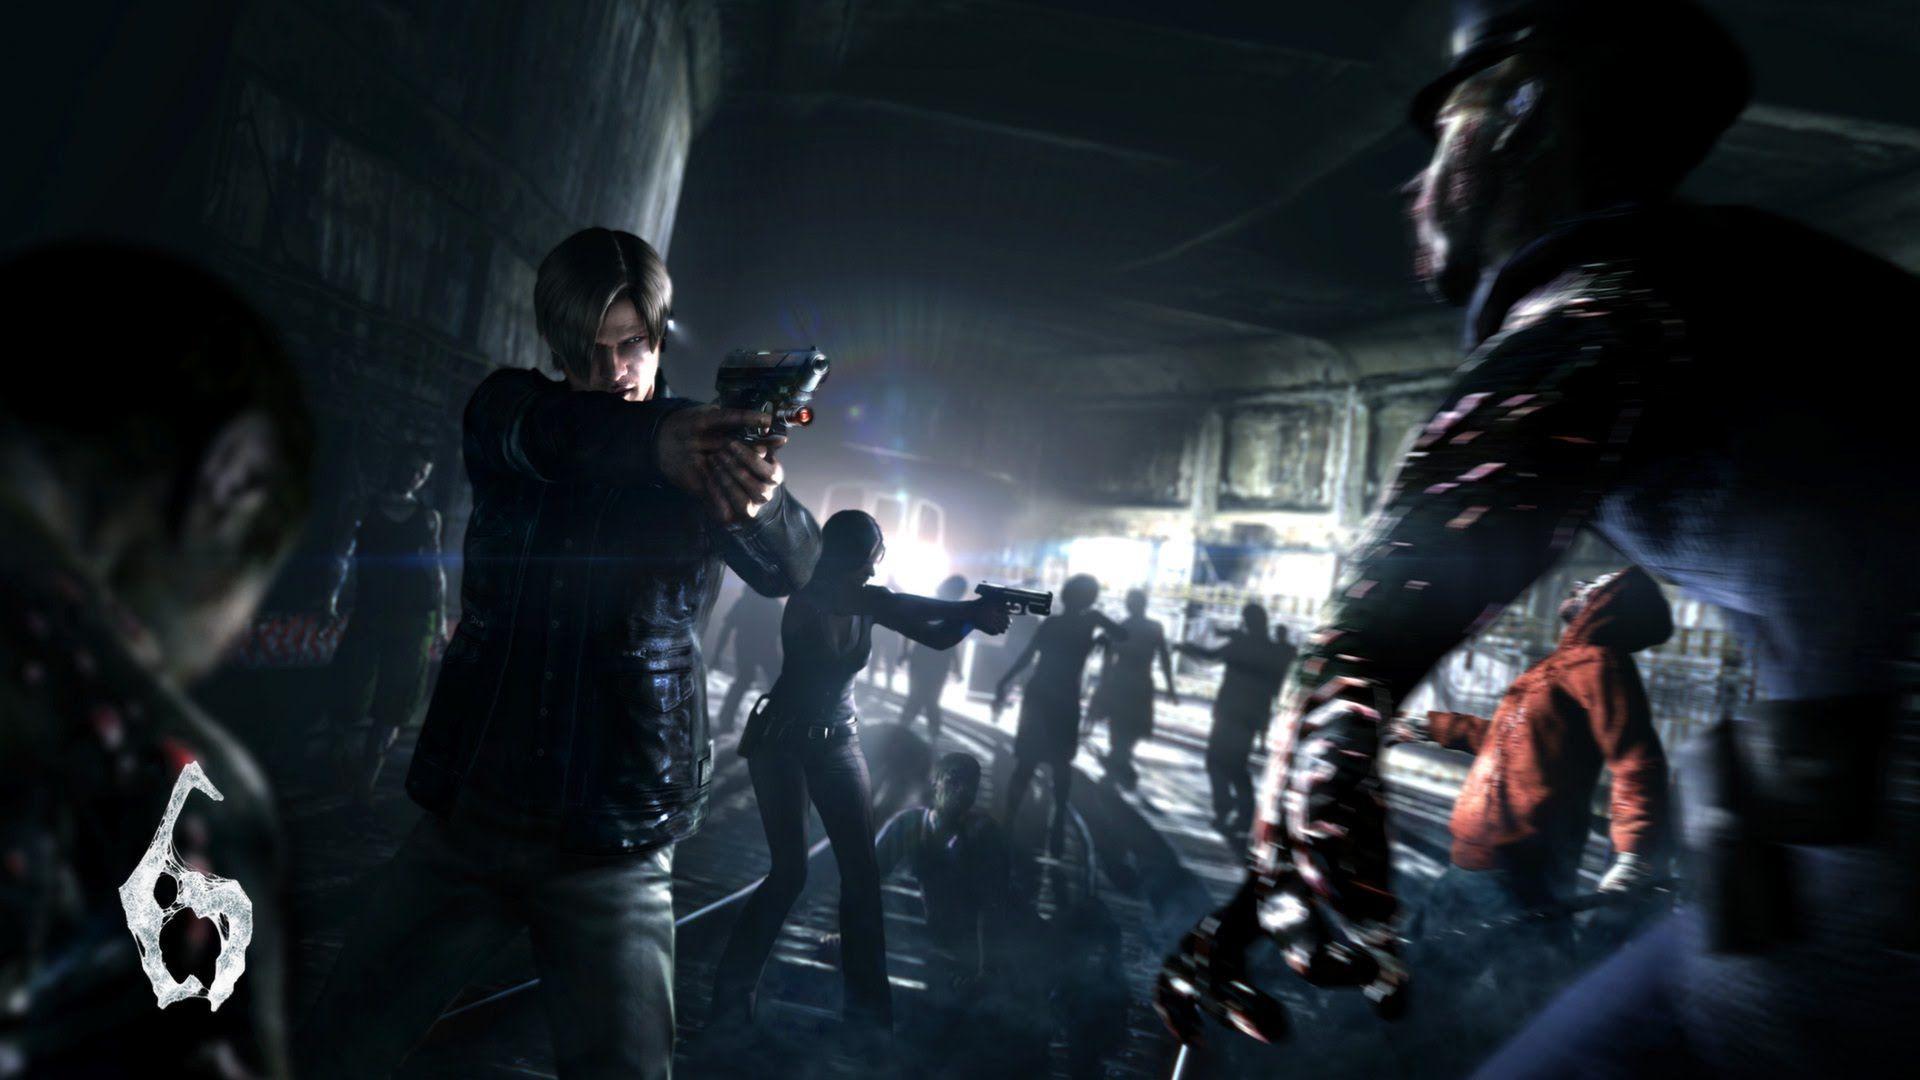 Leon Resident Evil 6 Wallpapers